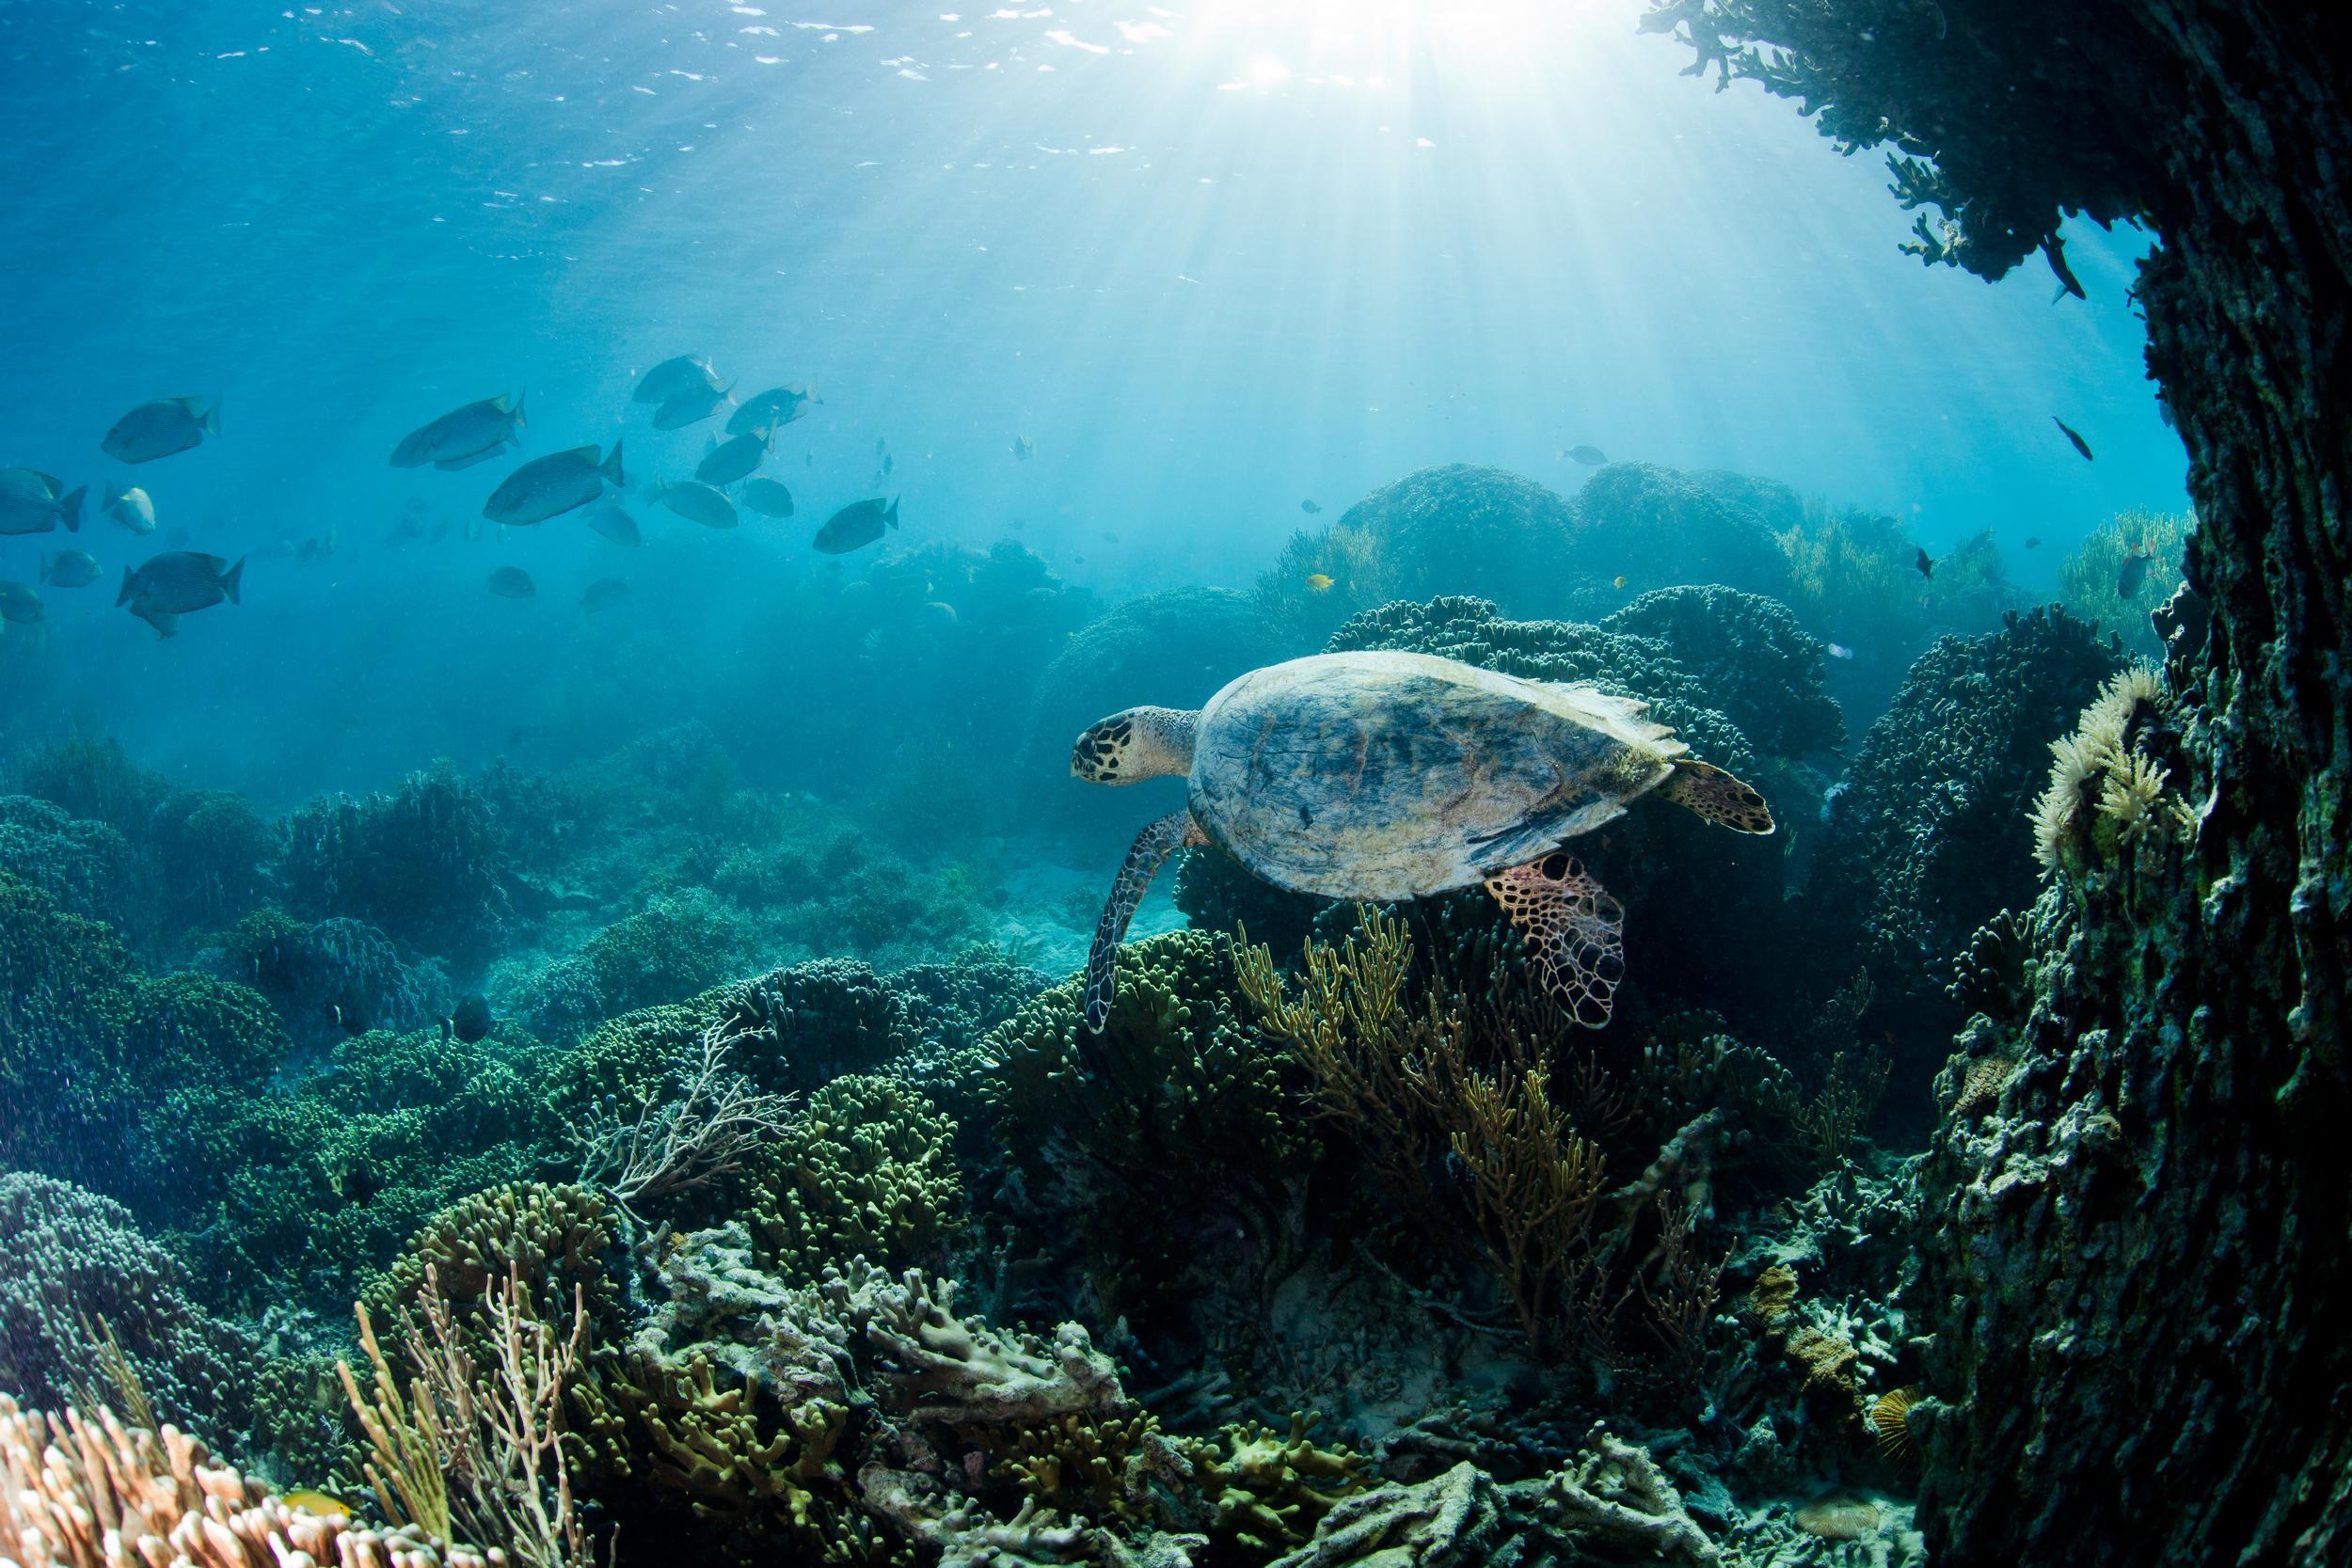 Żółw morski w parku narodowym Komodo